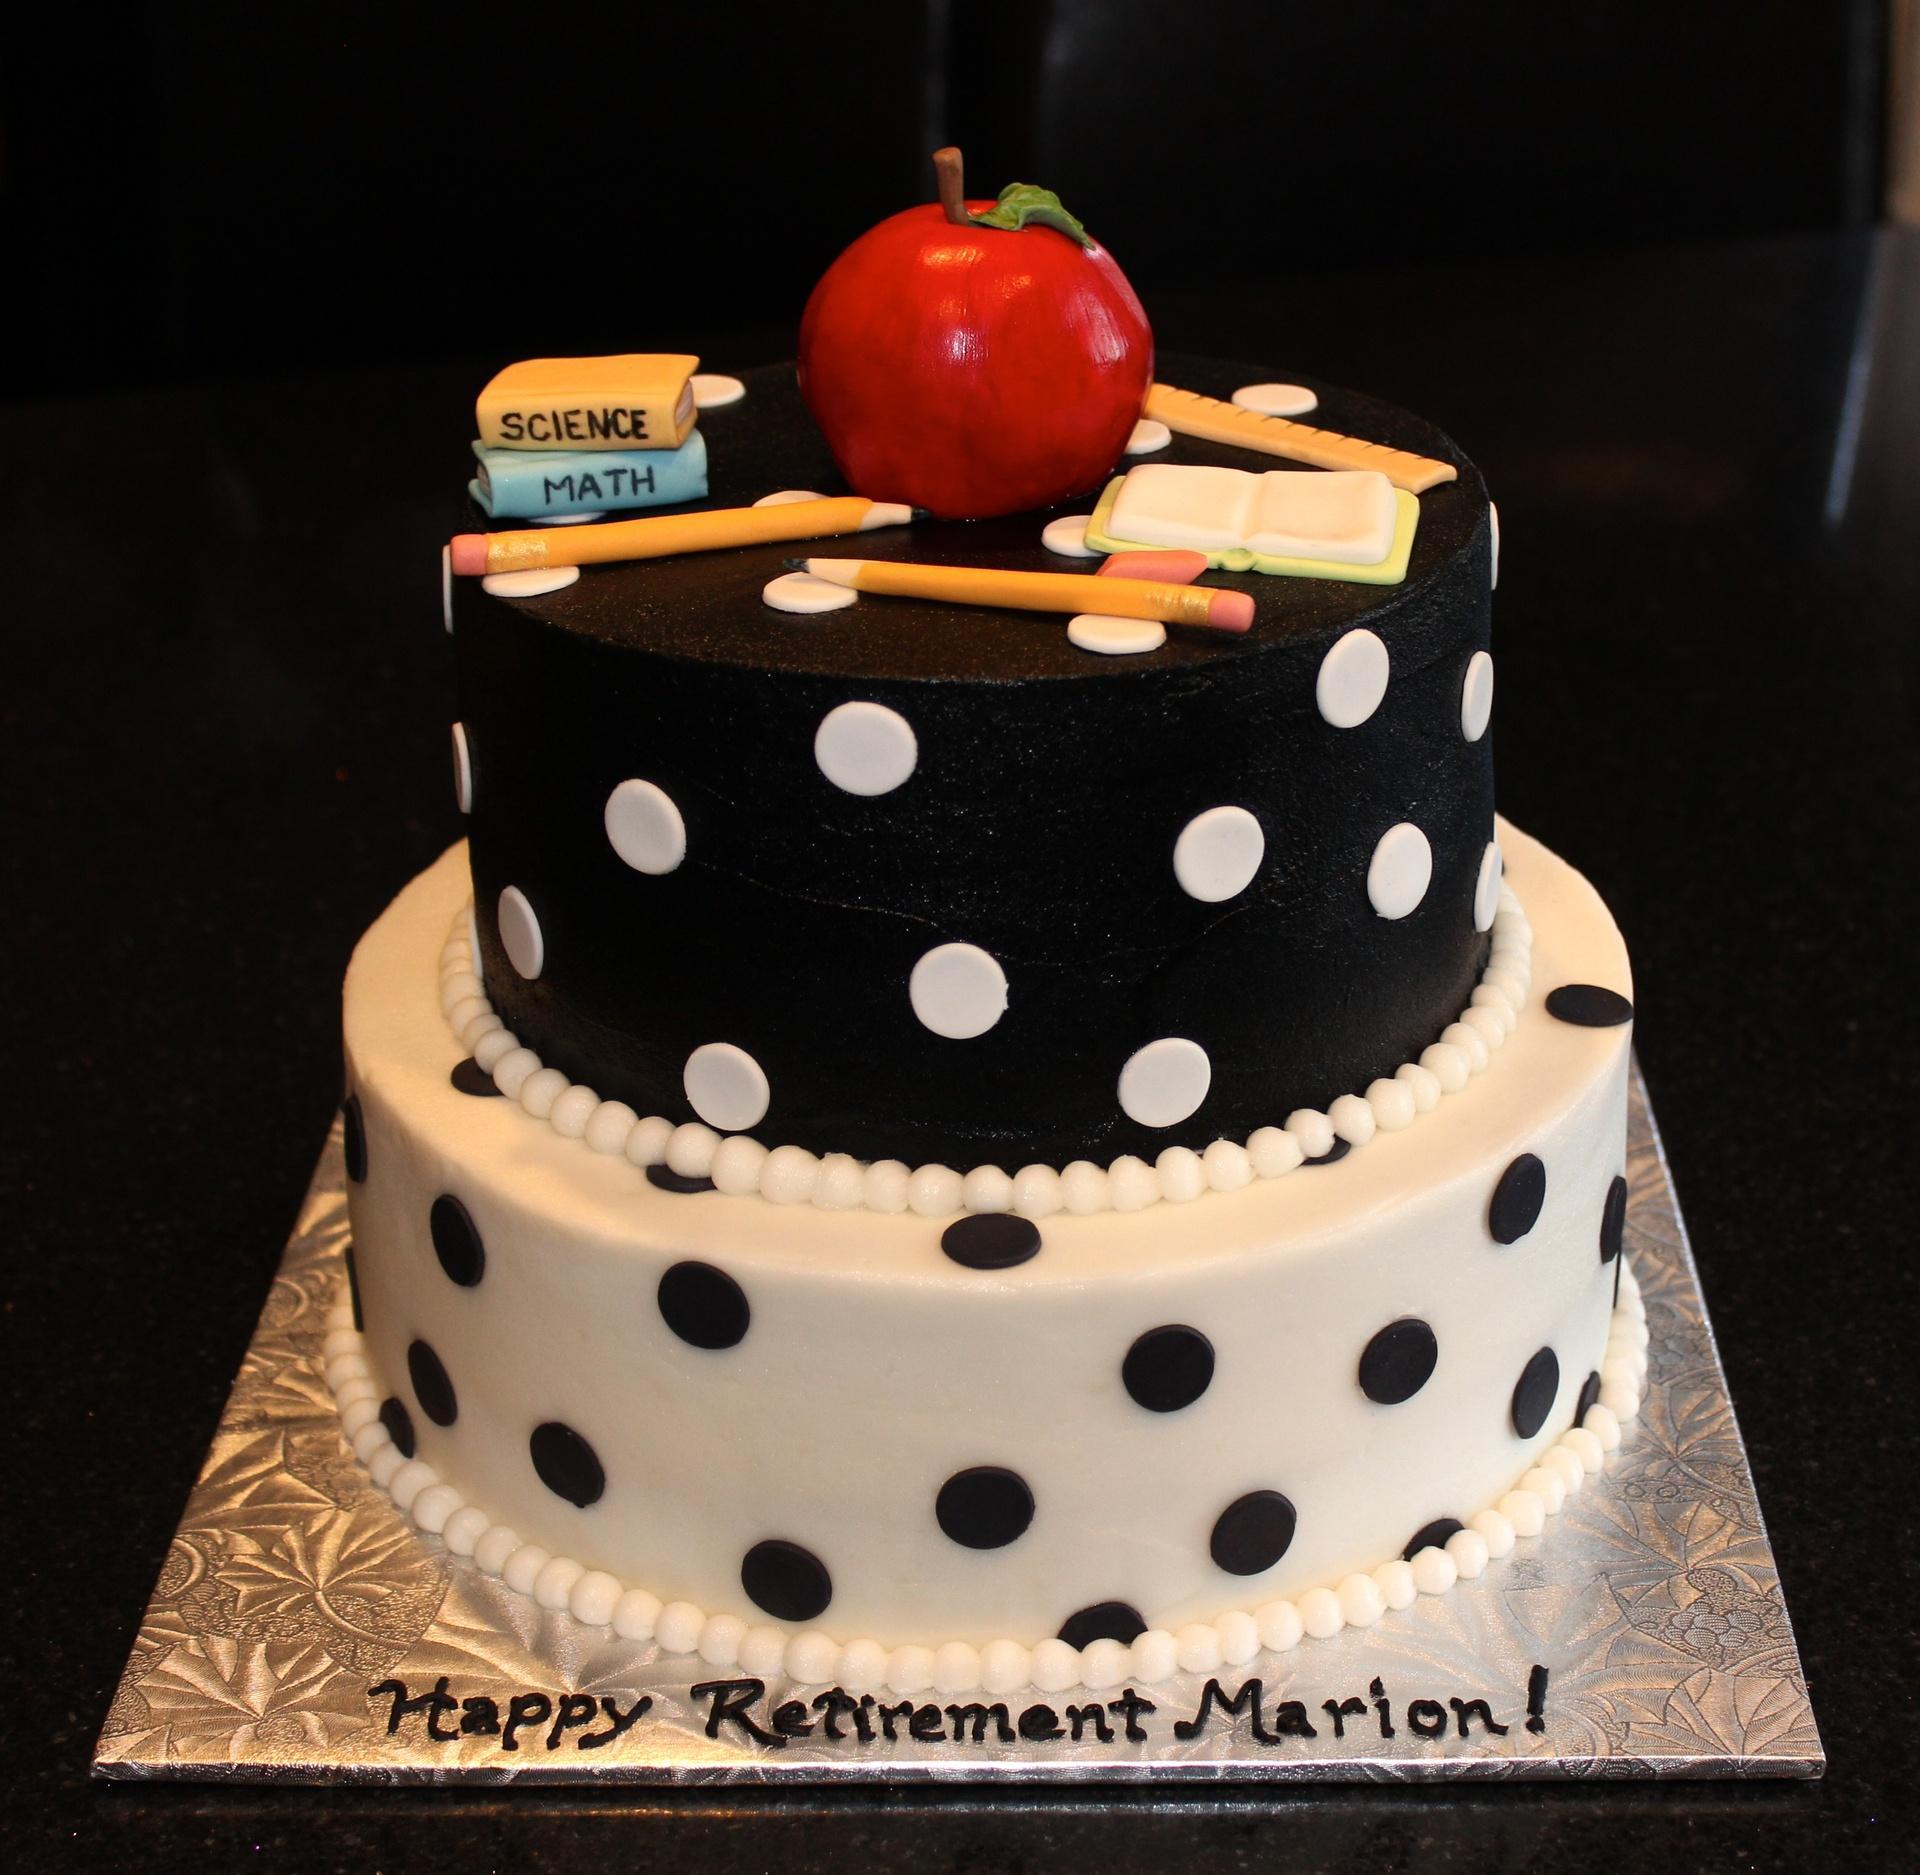 Teacher's Retirement Cake